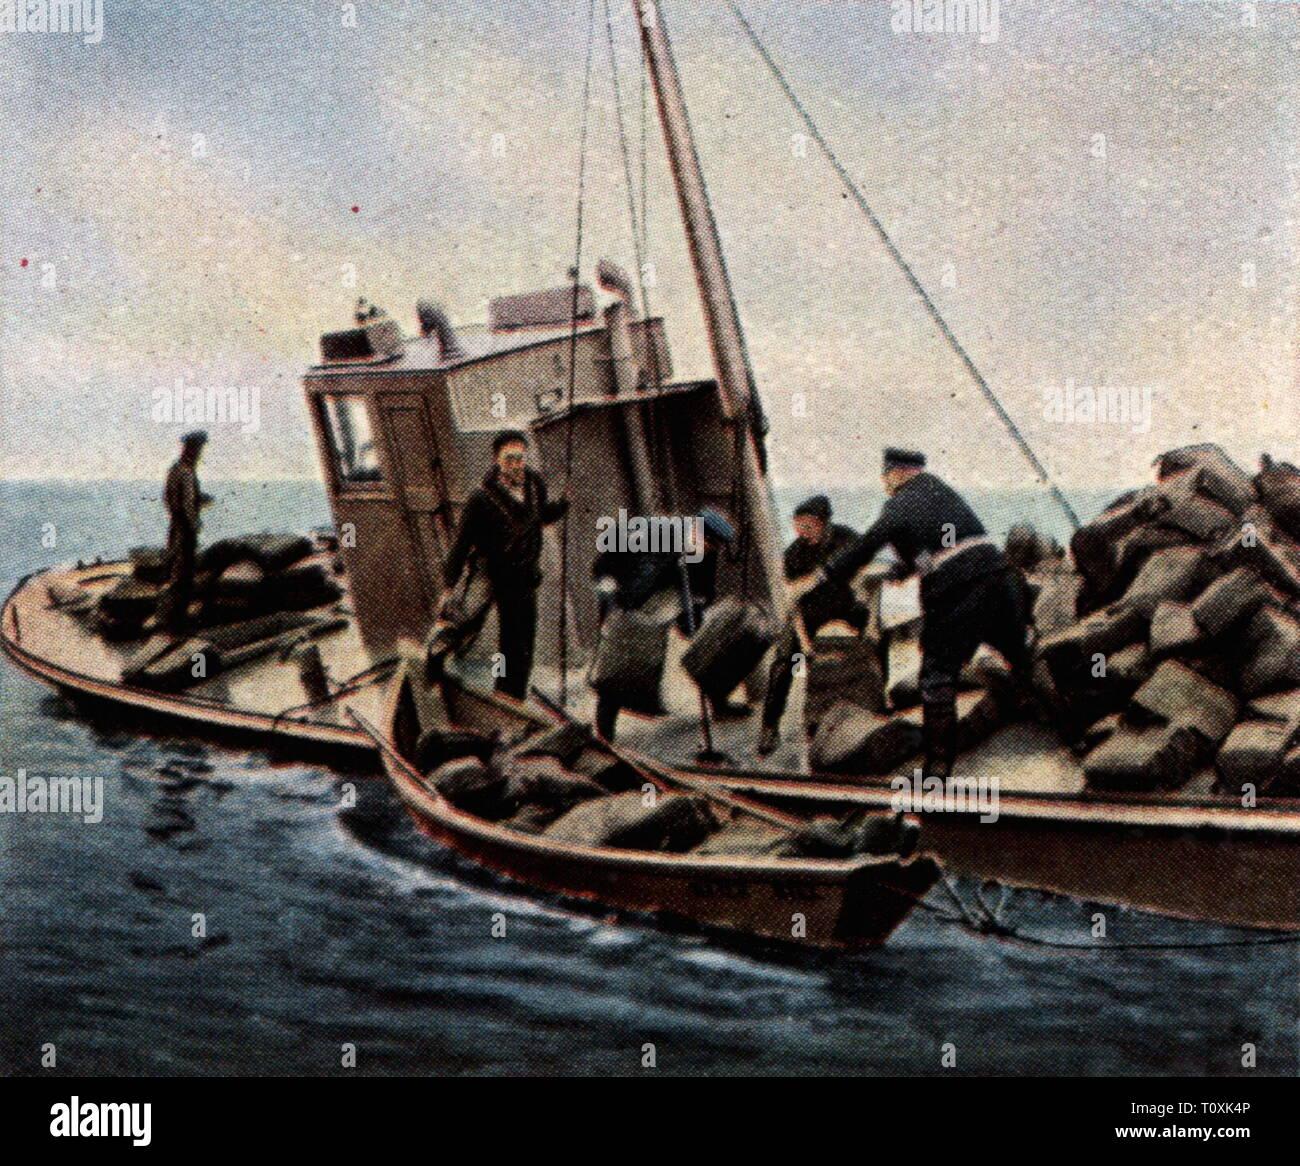 Verbot in den USA 1920 - 1933, Polizei mit einem erfassten Schmuggler Boot, Anfang der 1930er Jahre, Farbfoto, Zigarette Karte, Serie 'Die Nachkriegszeit', 1935, Additional-Rights - Clearance-Info - Not-Available Stockbild